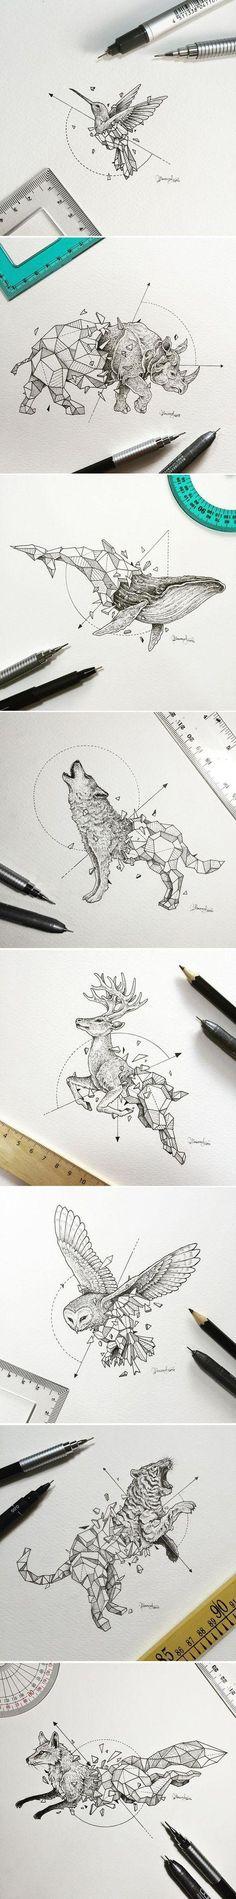 111 Wahnsinnige kreative kühle Dinge, die heute zu zeichnen 10